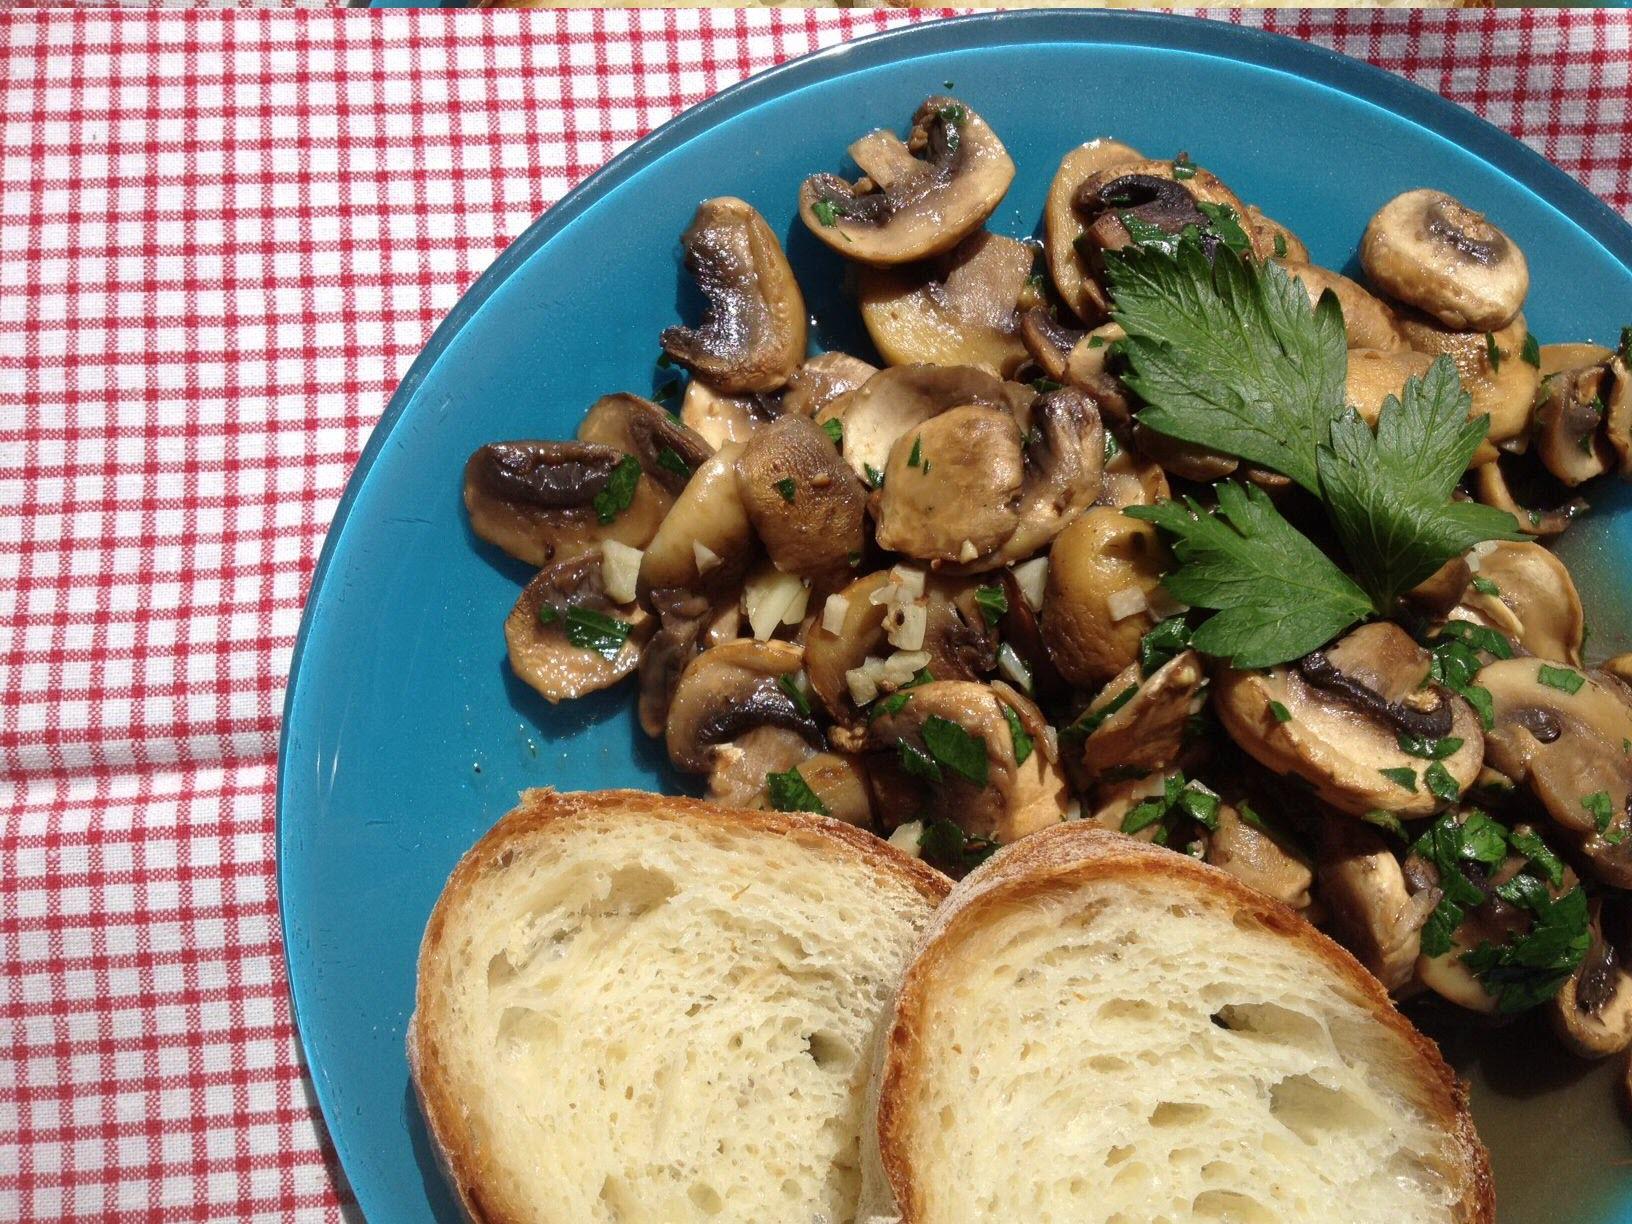 Cooked Mushroom Salad